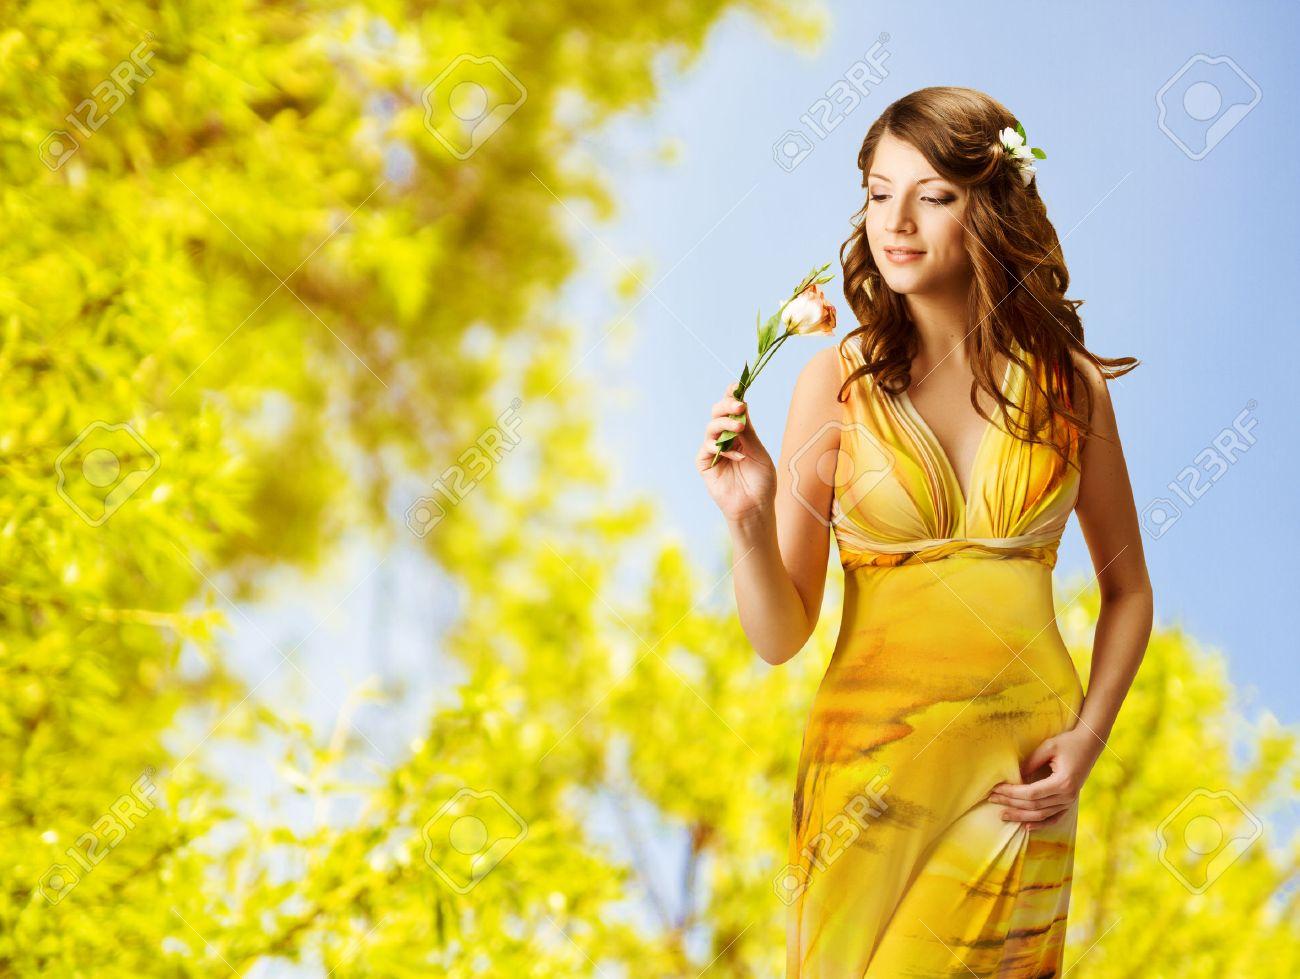 Телка в желтом платье